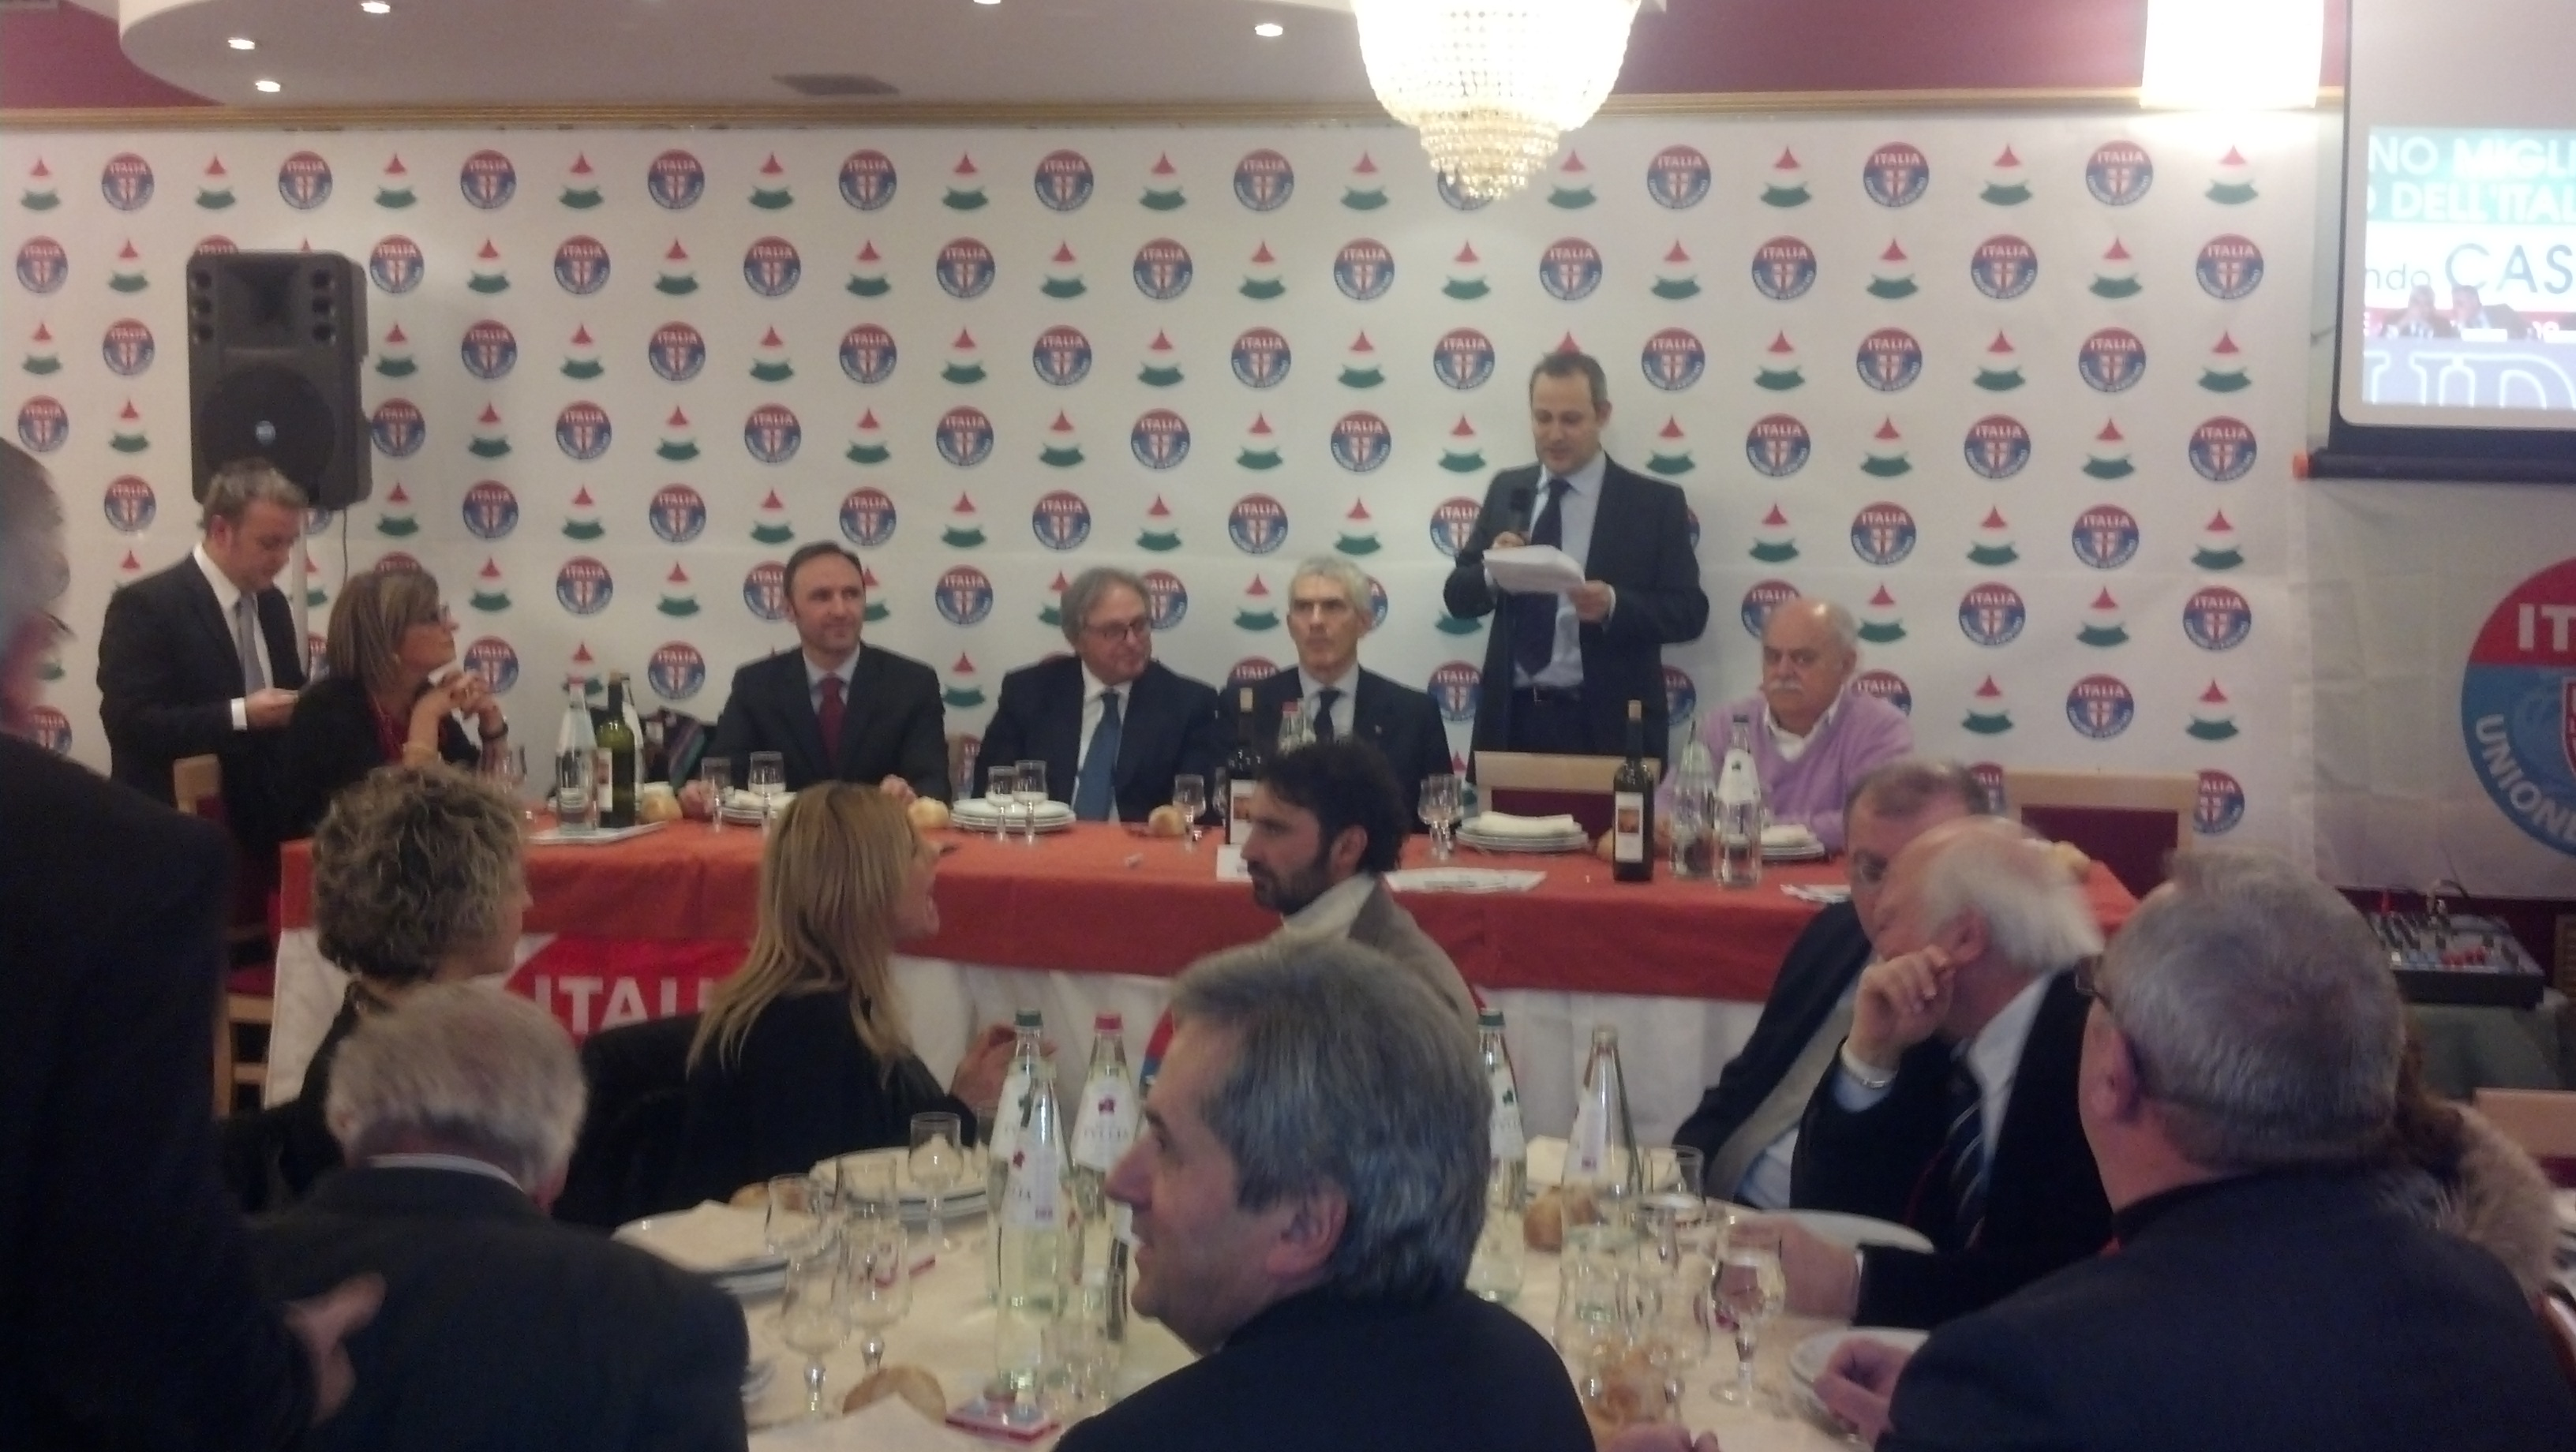 Parco dei Tigli, cena elettorale di Casini e Udc 2